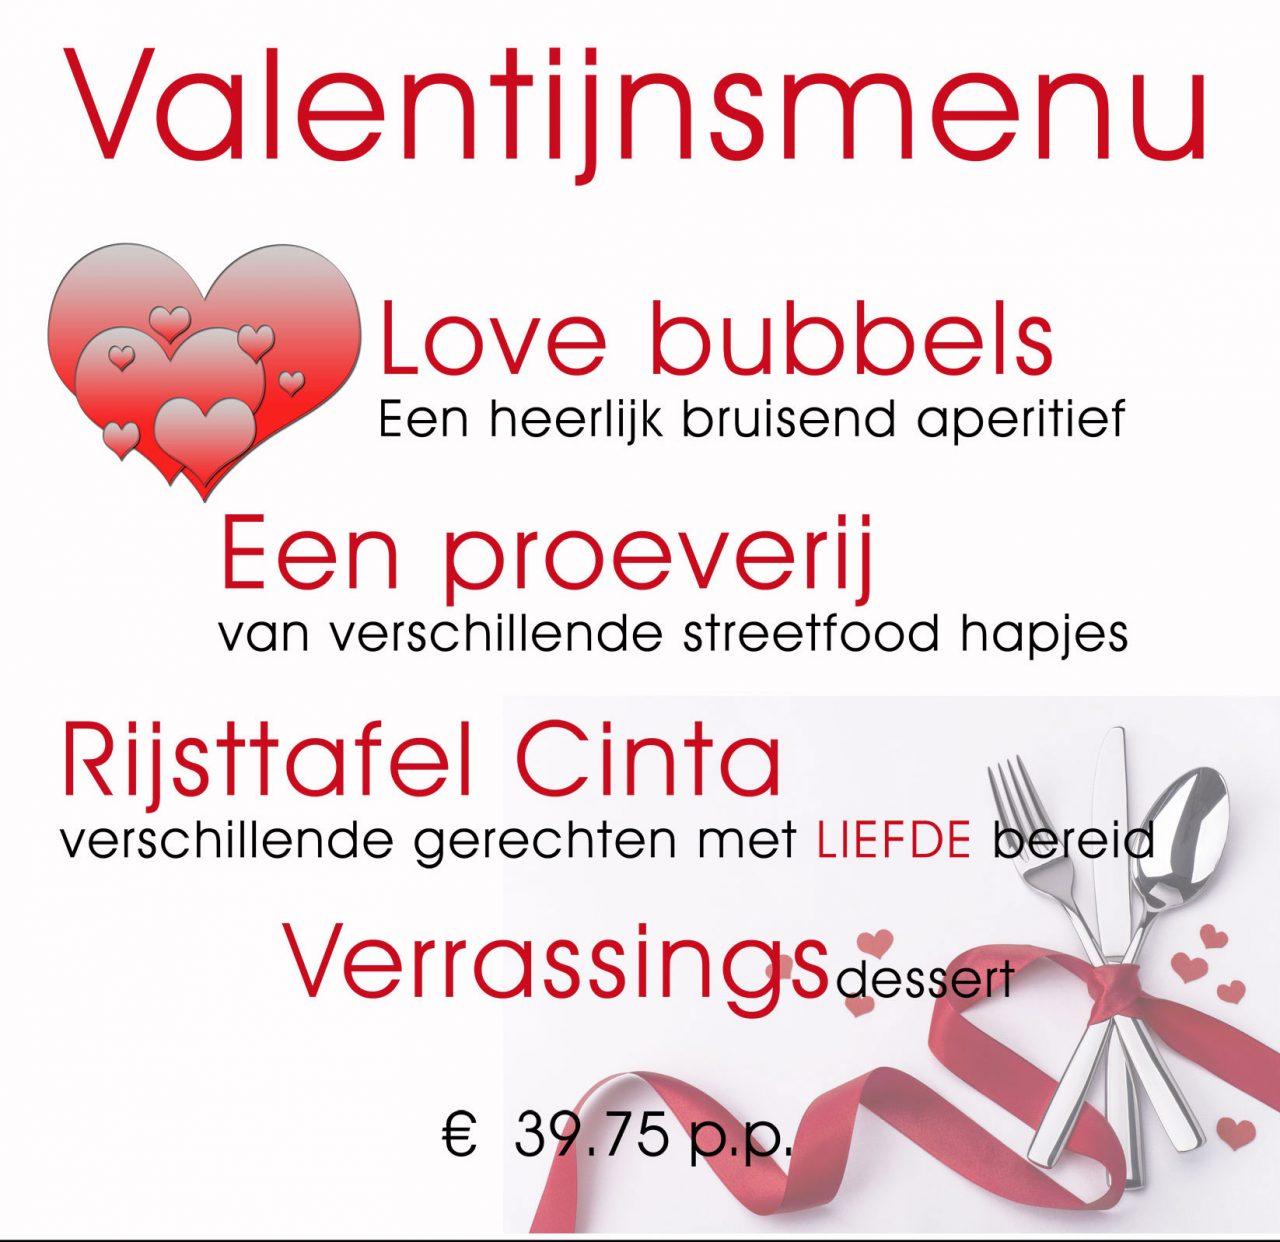 Valentijnsmenu Love bubbels Een heerlijk bruisend aperitief Een Proeverij Van verschillende streetfood hapjes Rijsttafel Cinta Verschillende gerechten met LIEFDE bereid Verrassingsdessert